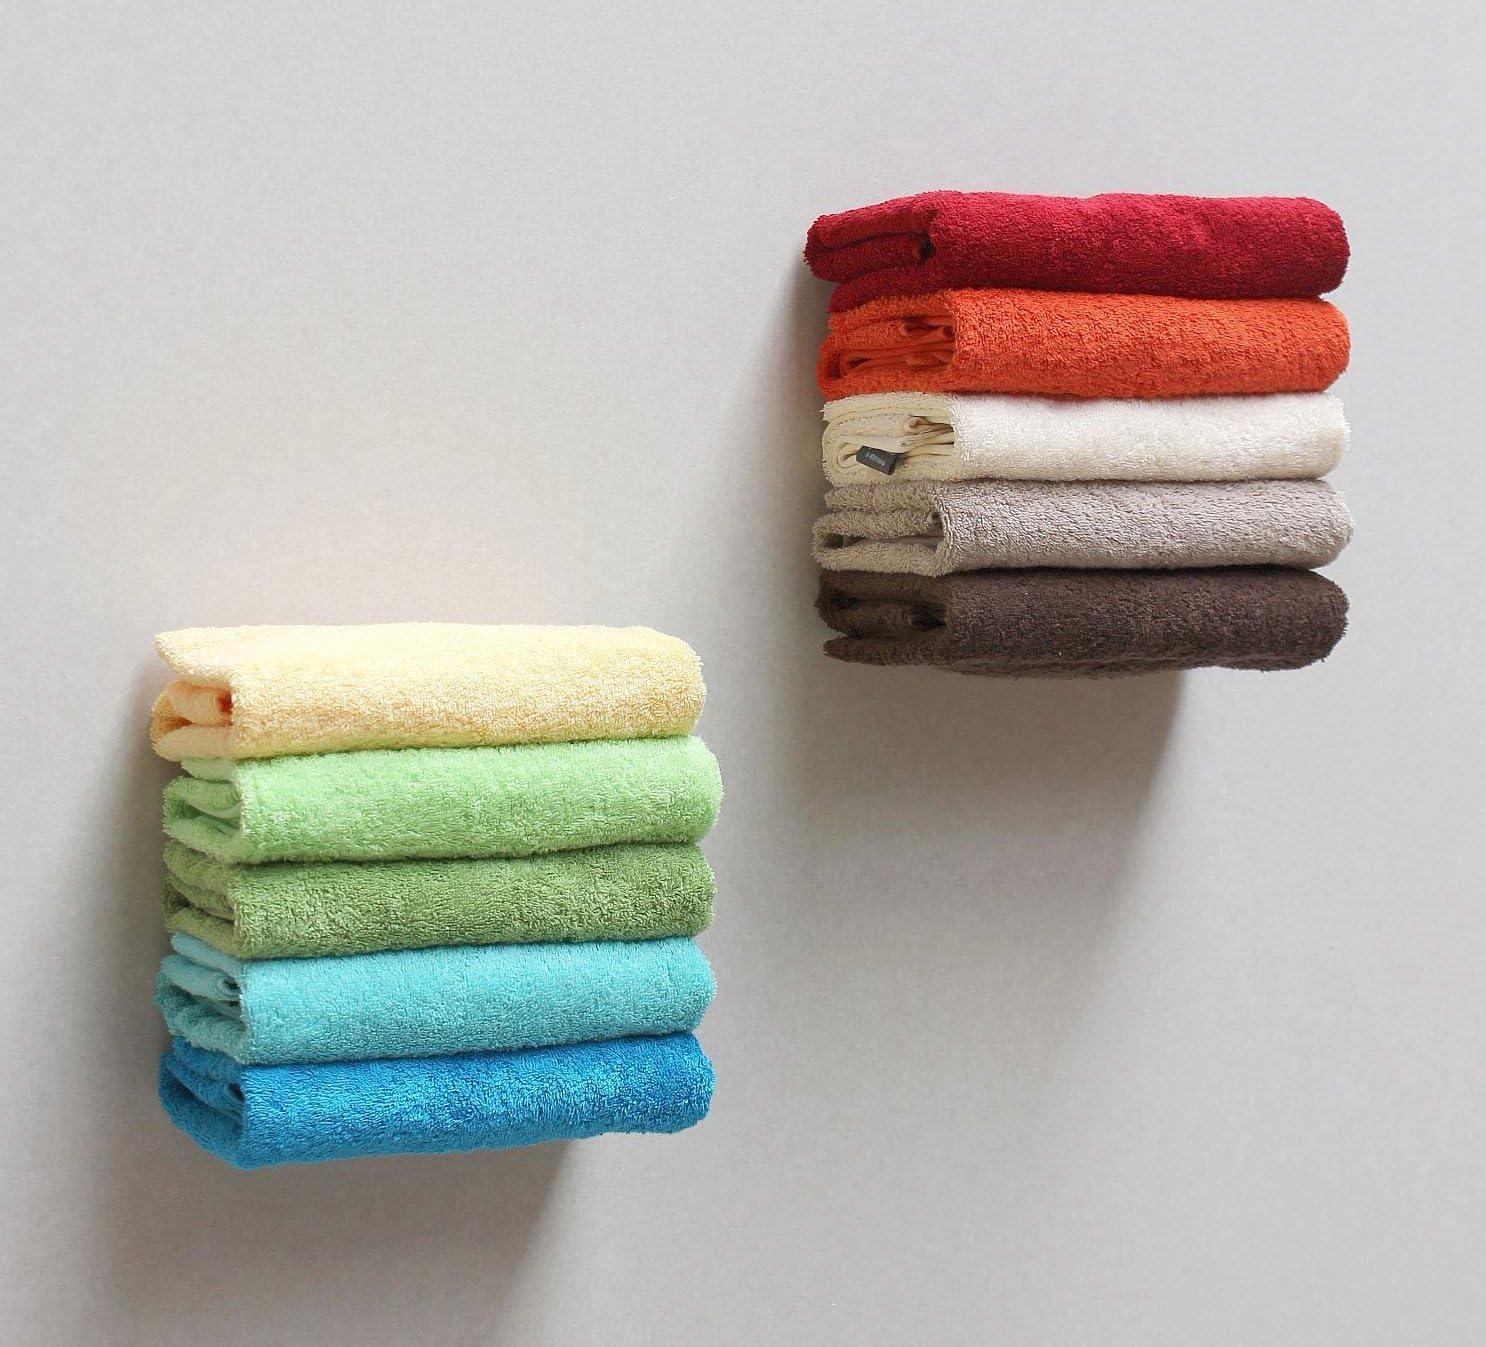 color blanco 2 unidades, 20 cm, invisible, flotante DanDiBo 93898 Toallero para pared